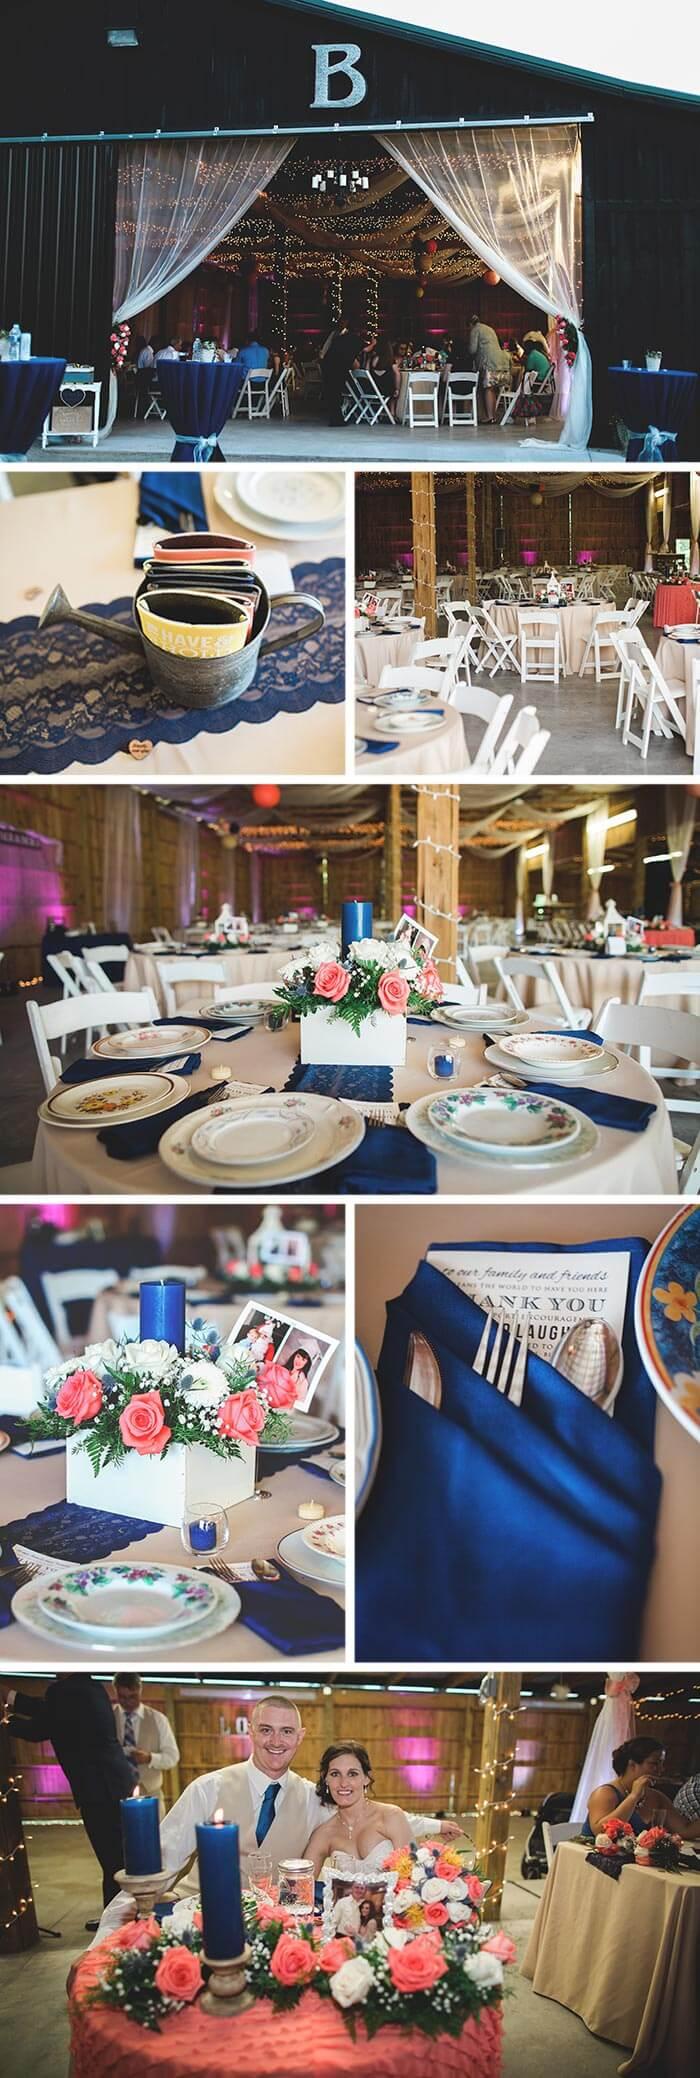 Hochzeitsdeko Aus Holz I Fotostory Mit Vielen Dekoideen Zur Hochzeit